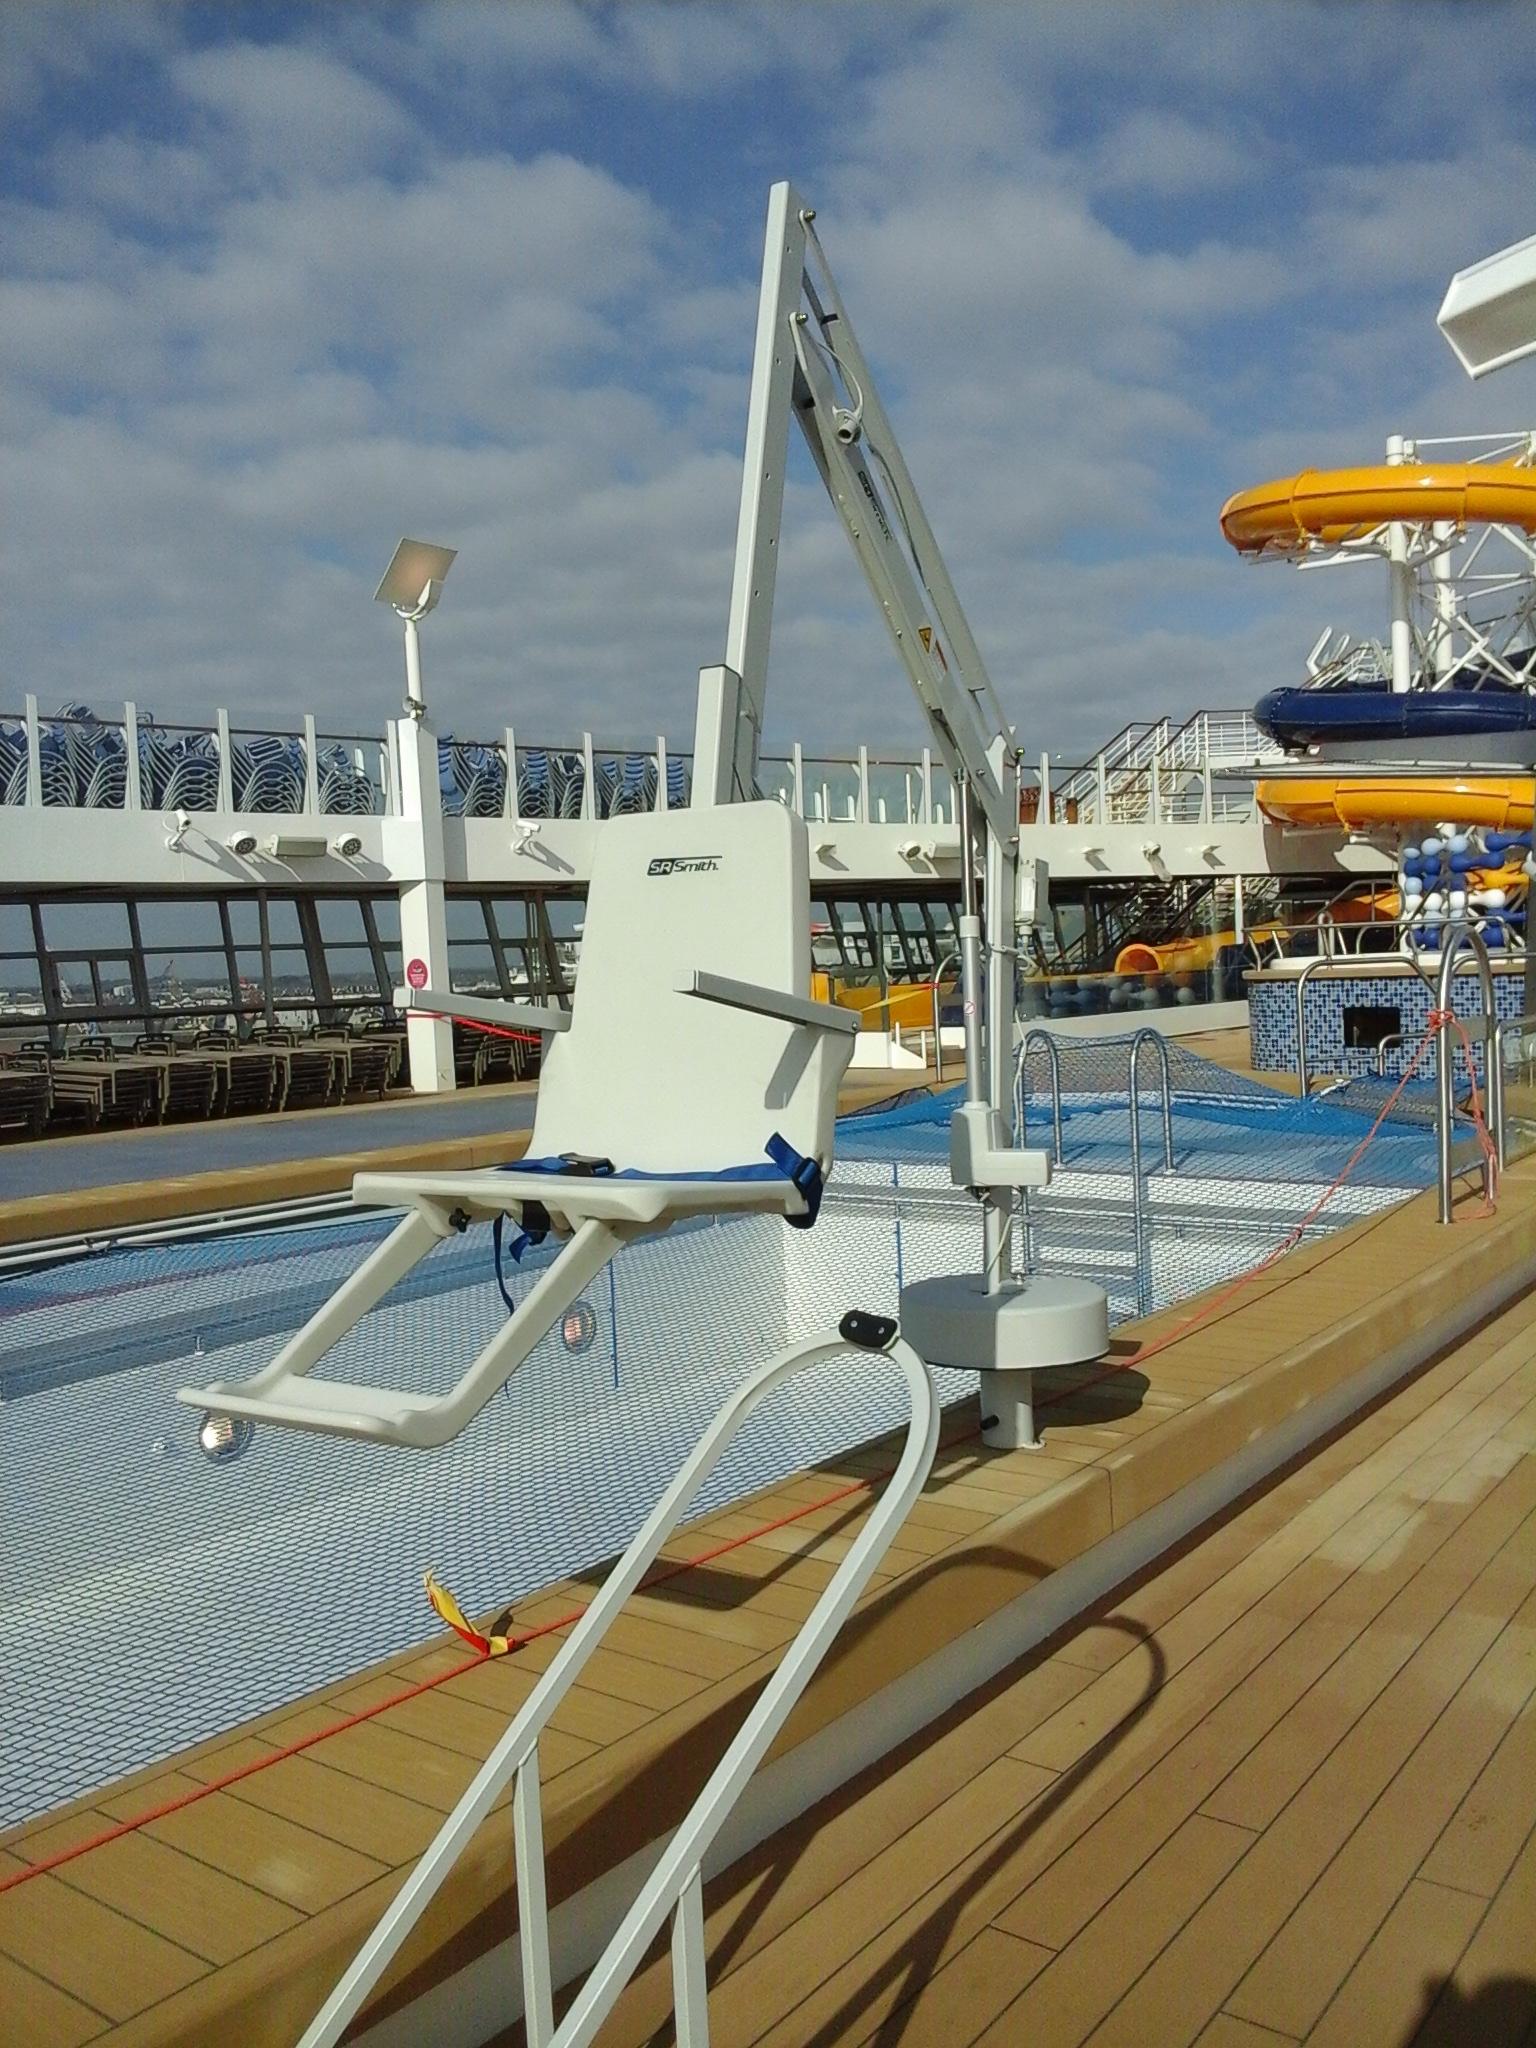 splash-pool-hoist-cruise-liner-disabled-access.jpg